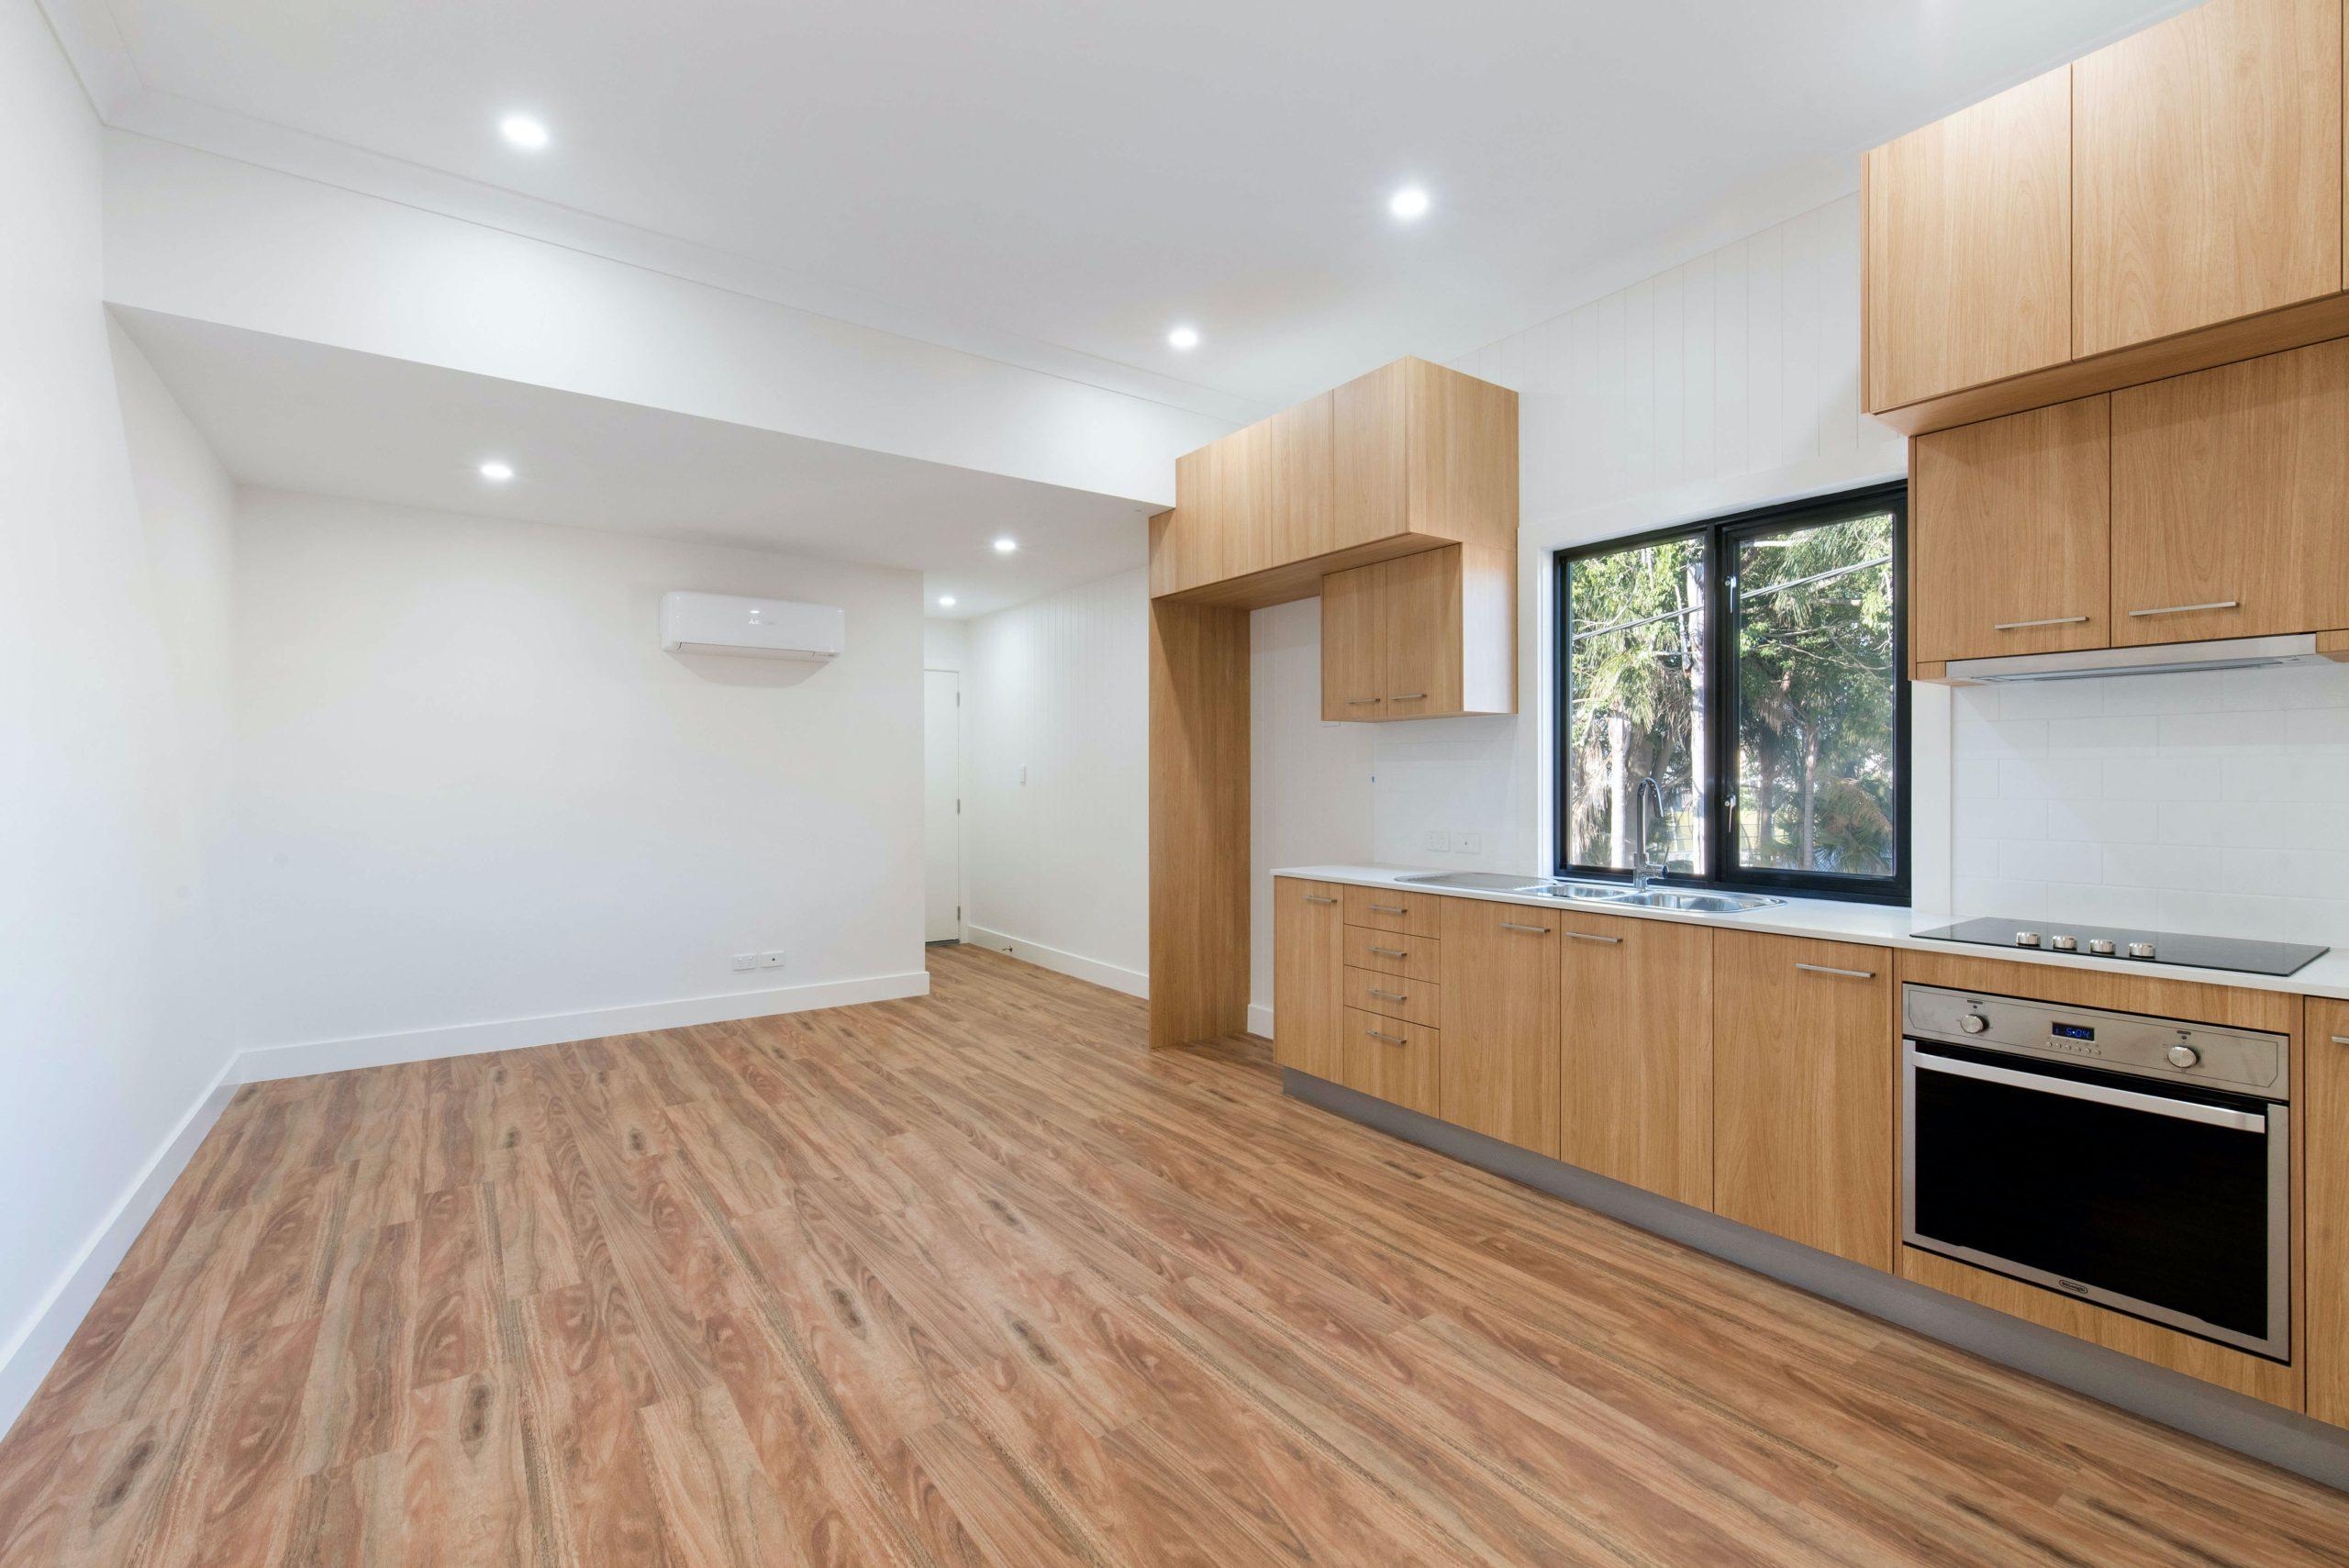 Les étapes d'un achat en immobilier neuf